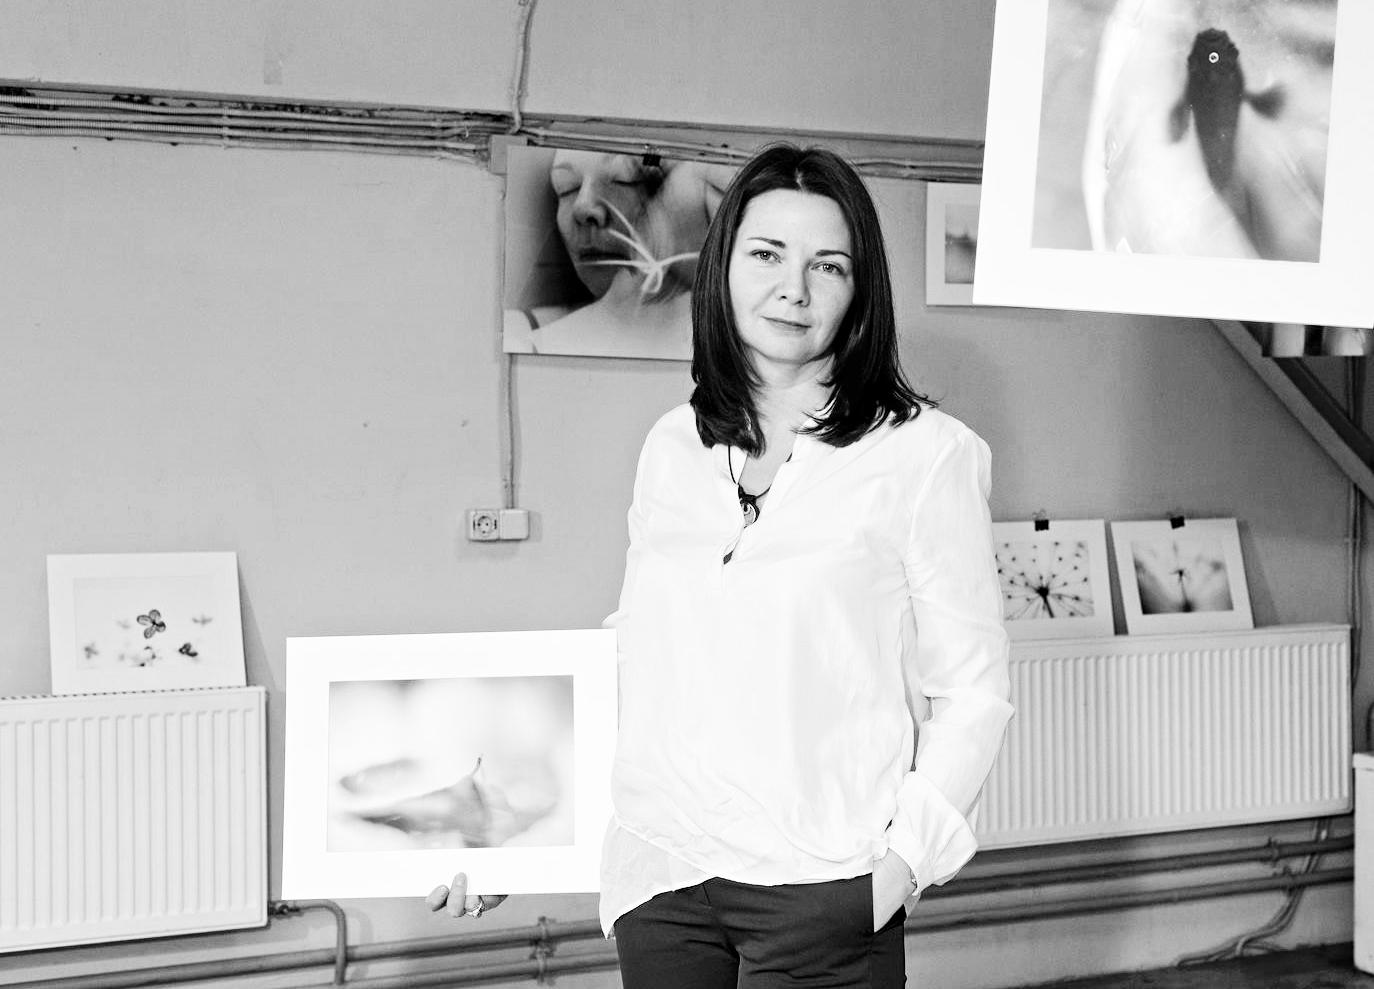 Ирина Клименко — фотограф, куратор, создатель PhotoDecorMarket. И.К.: Давай начнем с того, что фотог